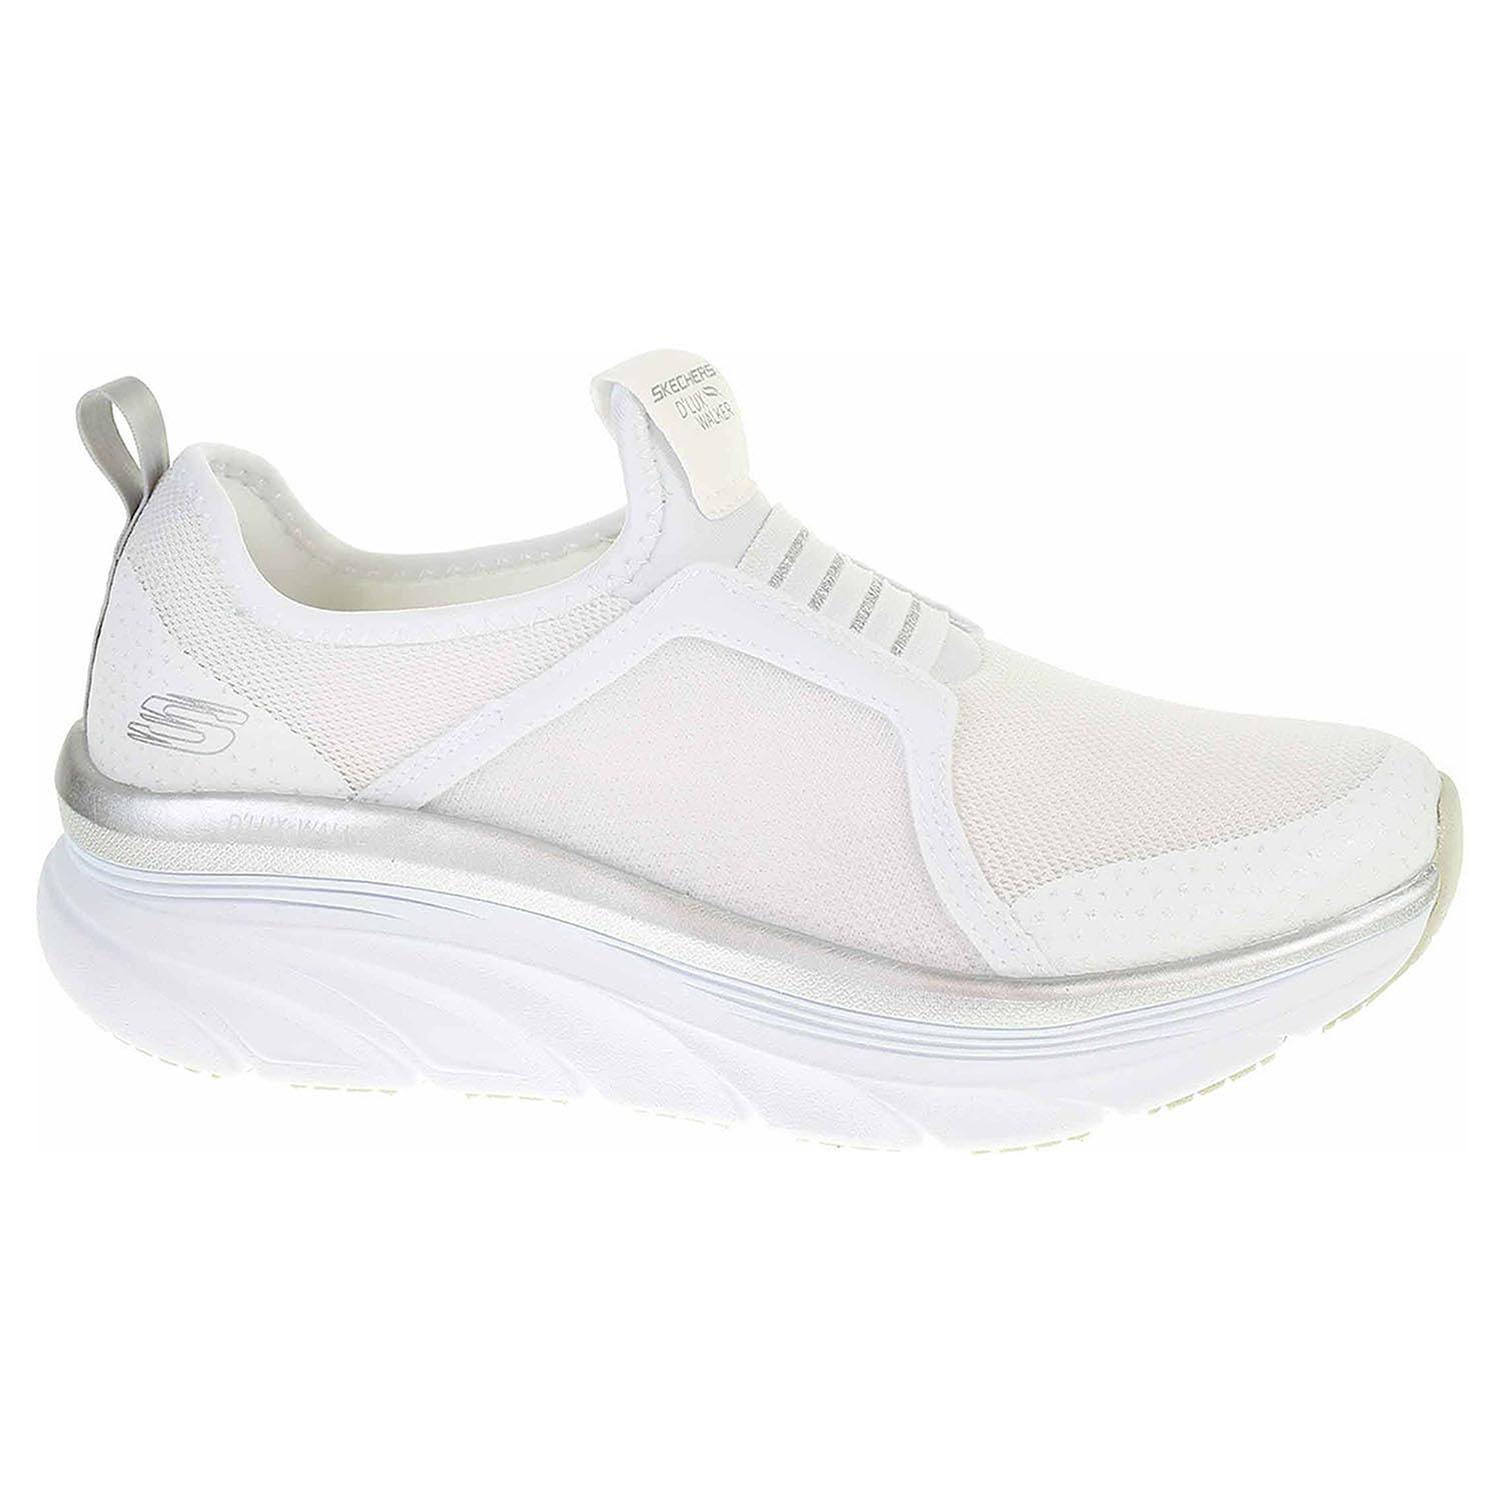 Ecco Skechers D´Lux Walker - Pillow Heaven white-silver 23201144